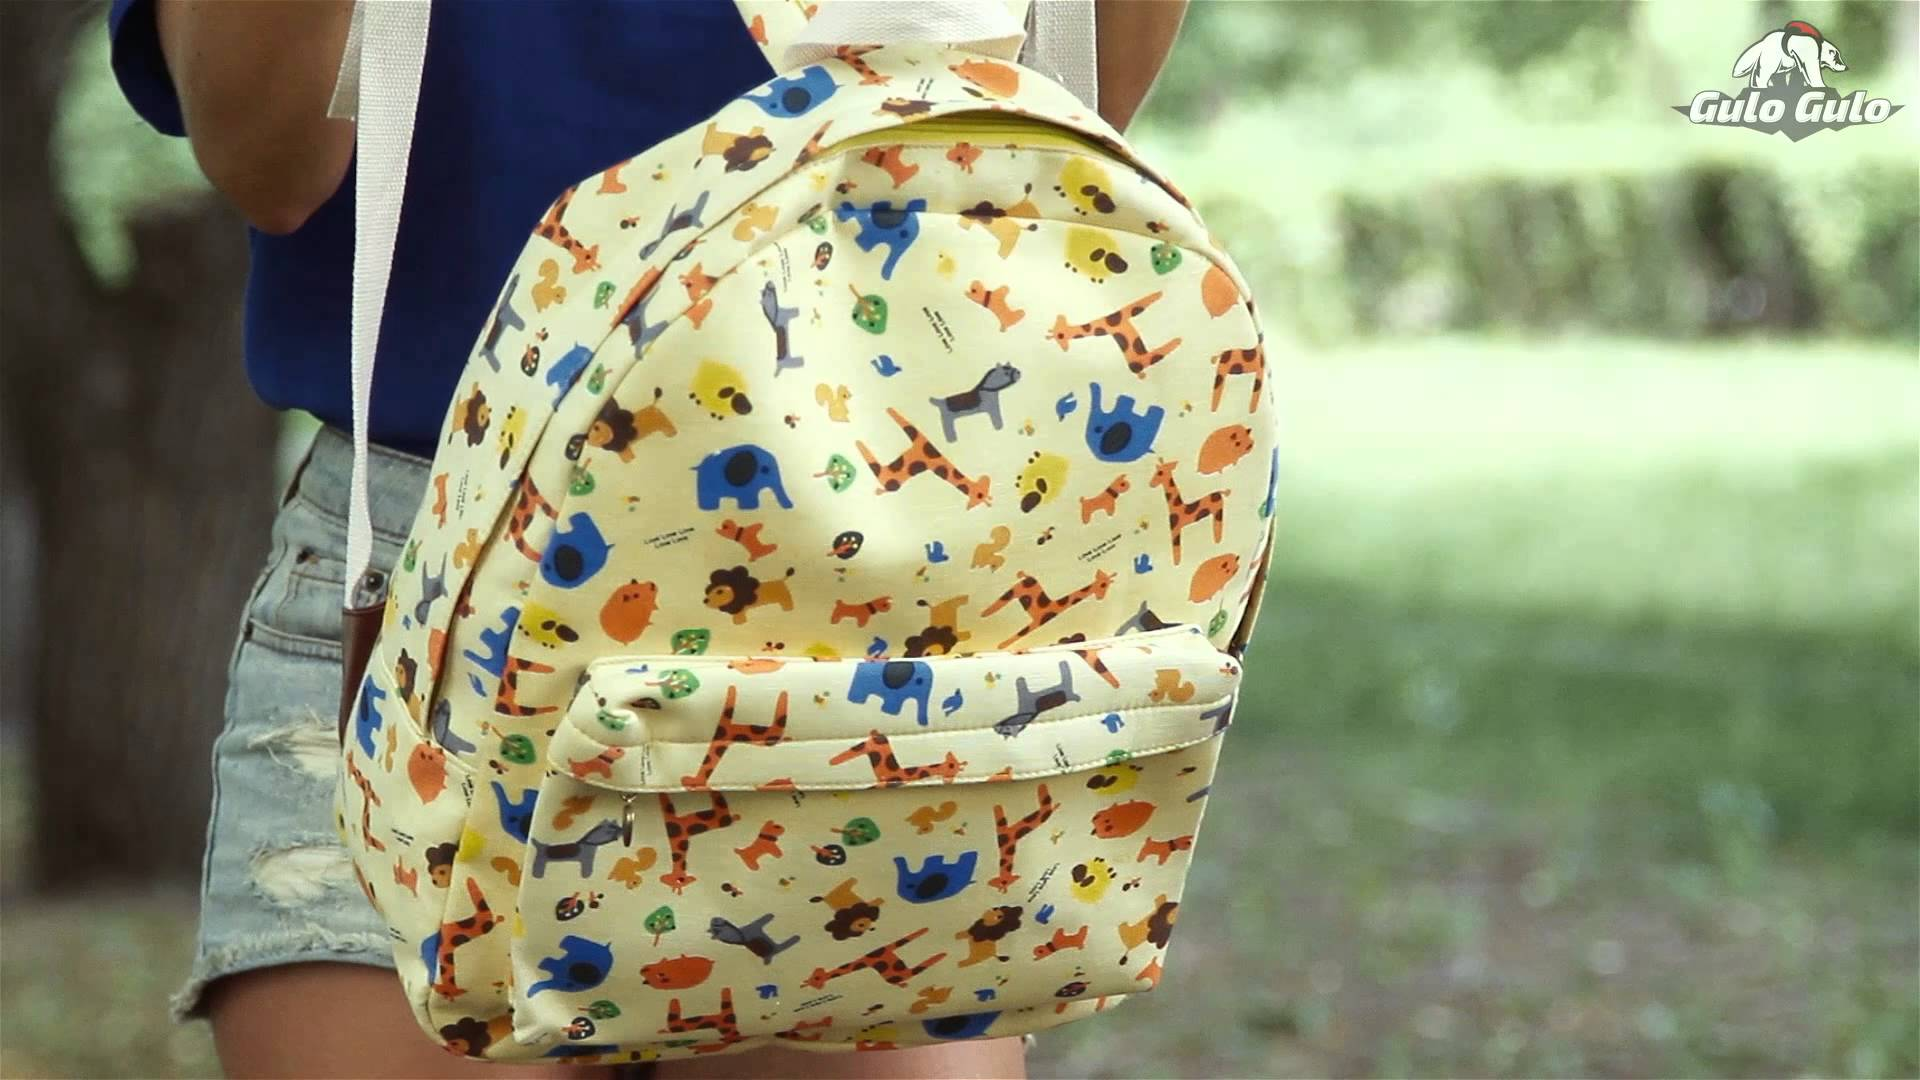 072bce18cdcf Особое внимание при подготовке к школе нужно уделить выбору рюкзака, ведь  именно он будет сопровождать ребенка на протяжении всего года и служить  верным ...